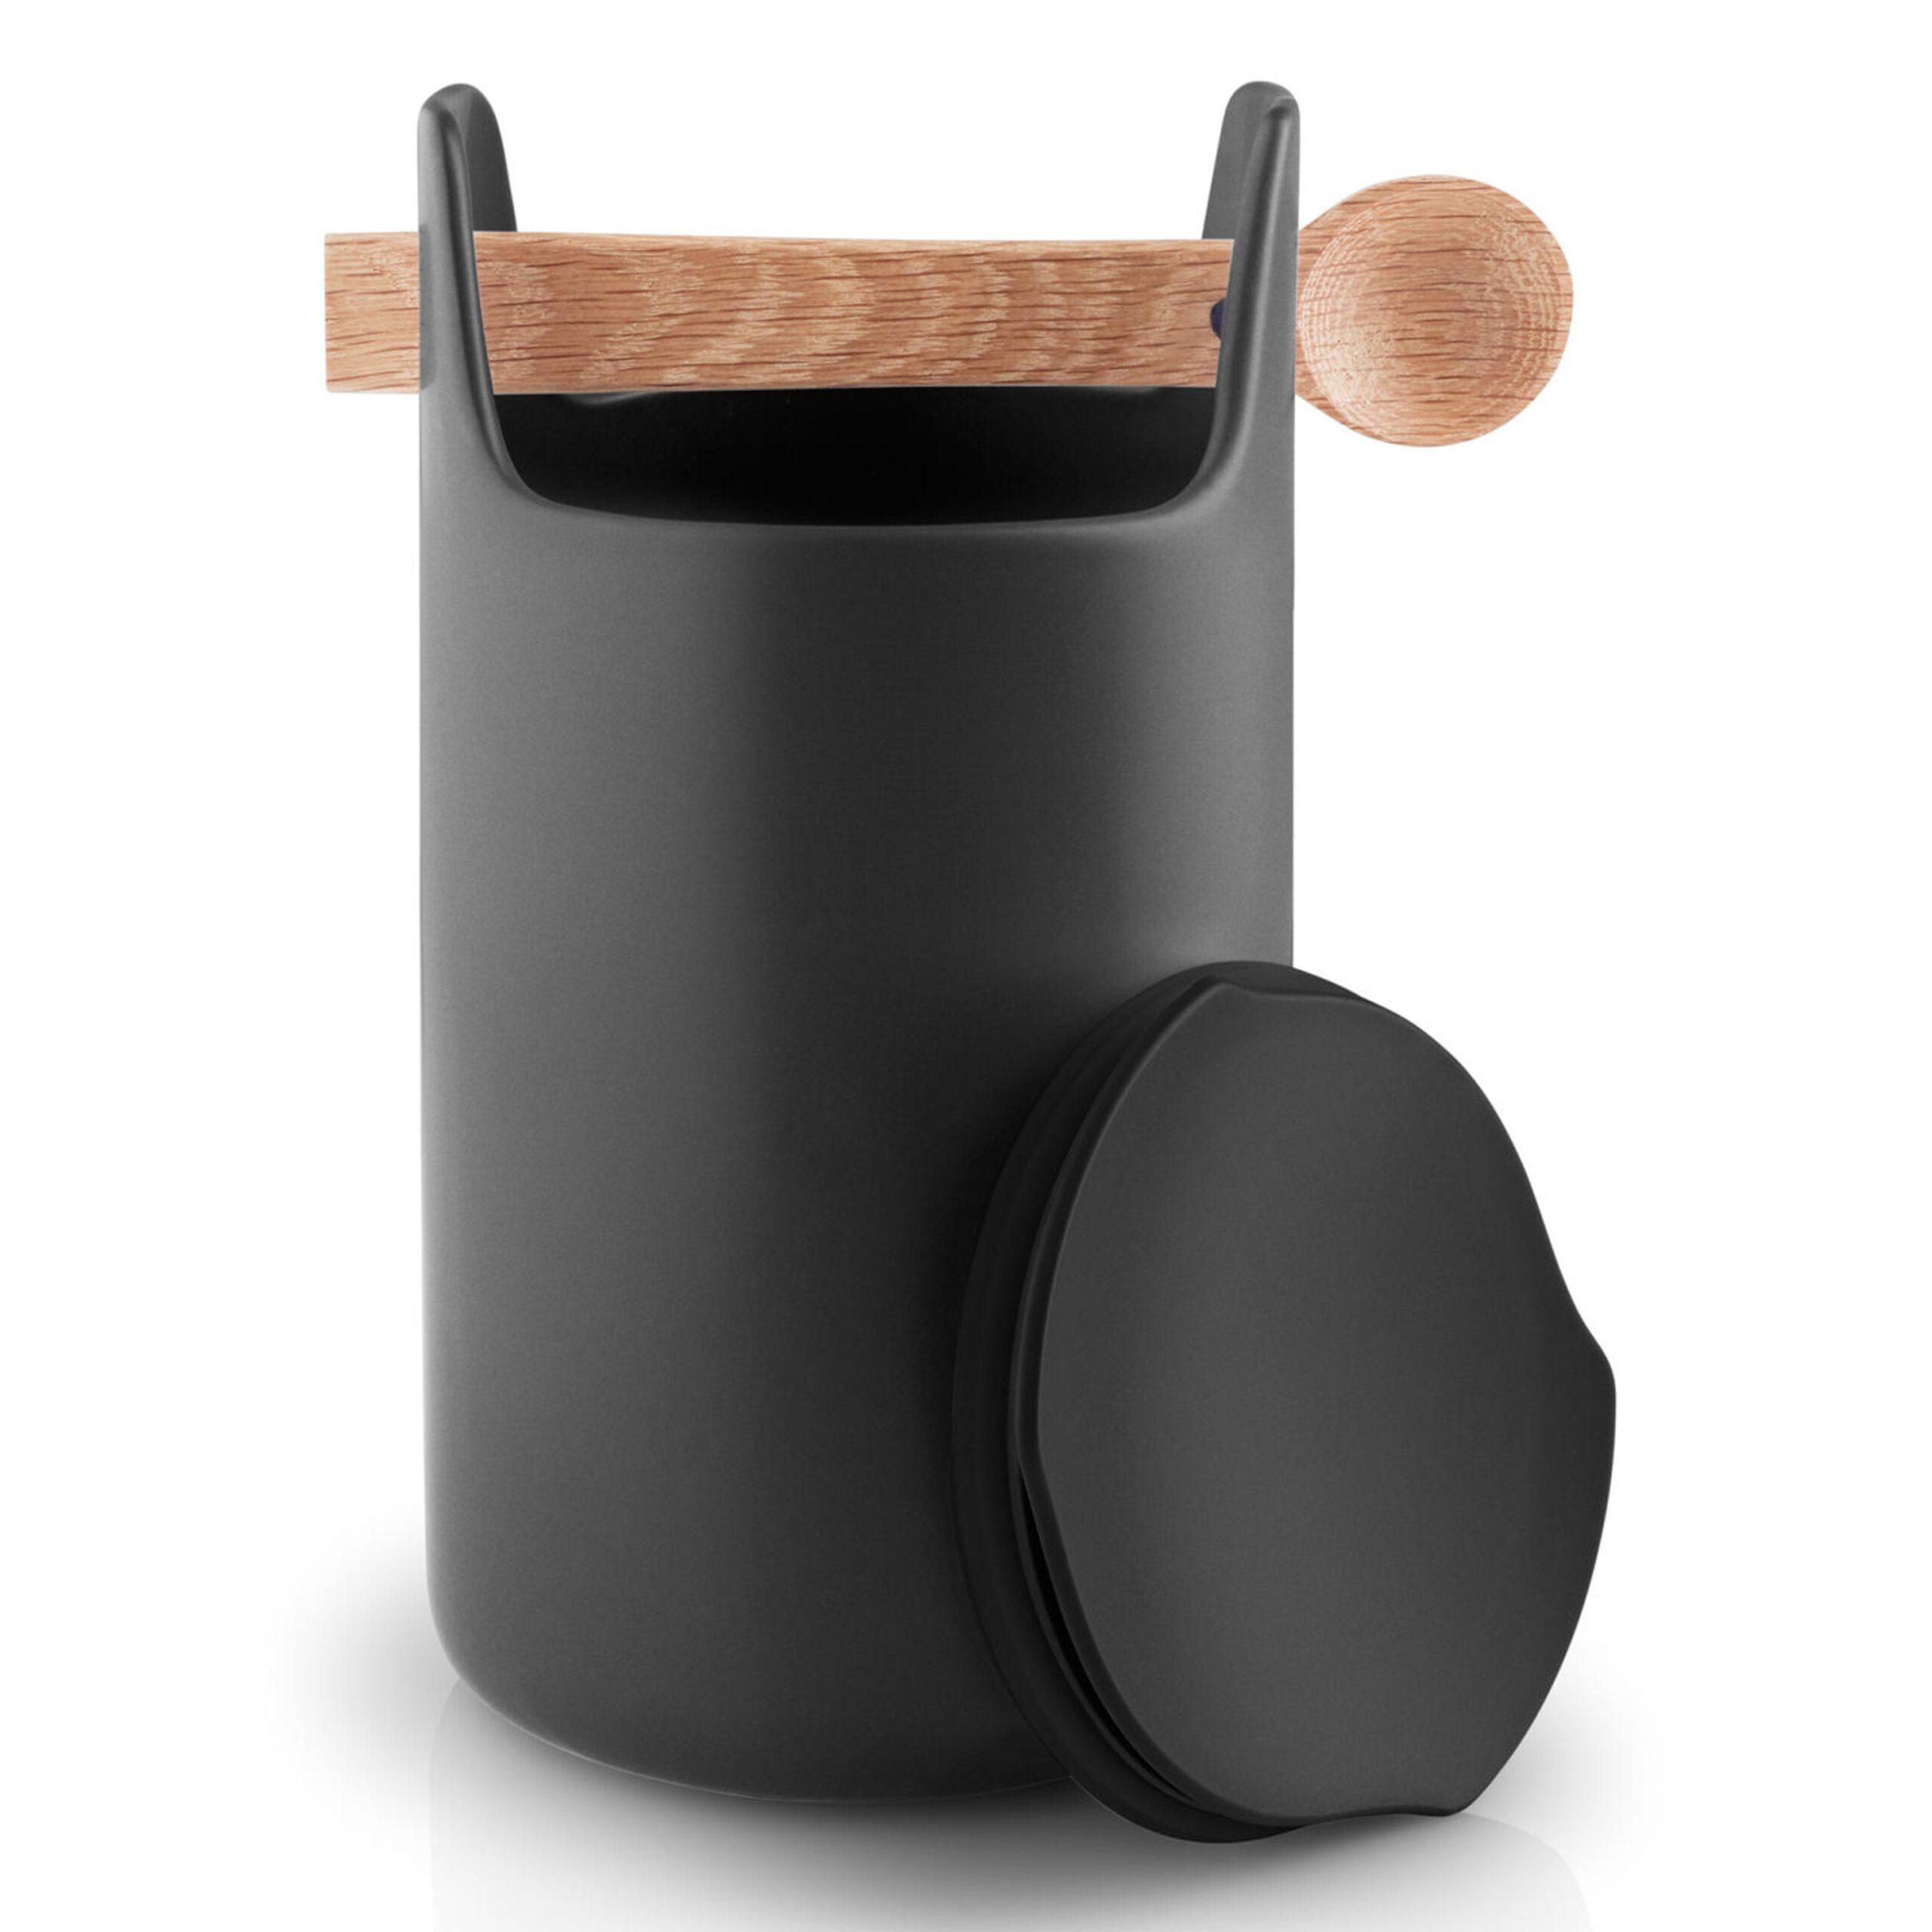 Full Size of Eva Solo Toolboaufbewahrungsbehlter Mit Lffel Küchen Regal Aufbewahrungsbehälter Küche Wohnzimmer Küchen Aufbewahrungsbehälter